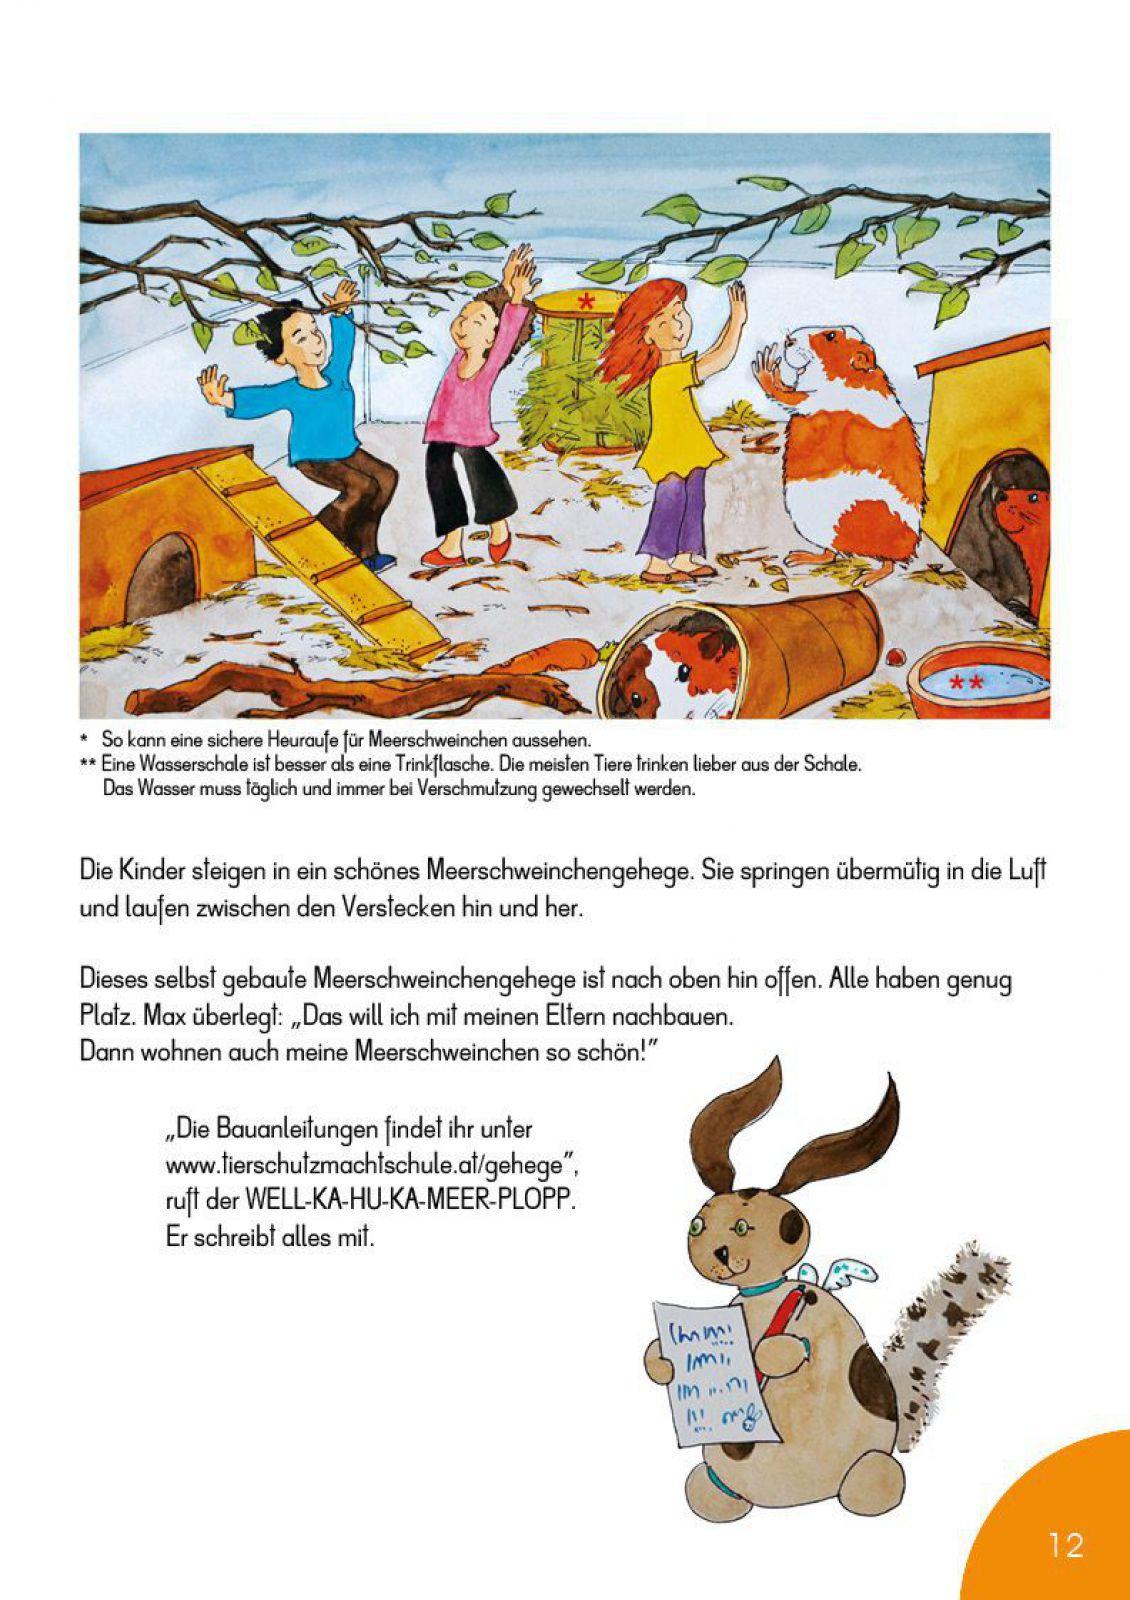 Versteh die Kaninchen und Meerschweinchen mit dem WELL-KA-HU-KA-MEER ...